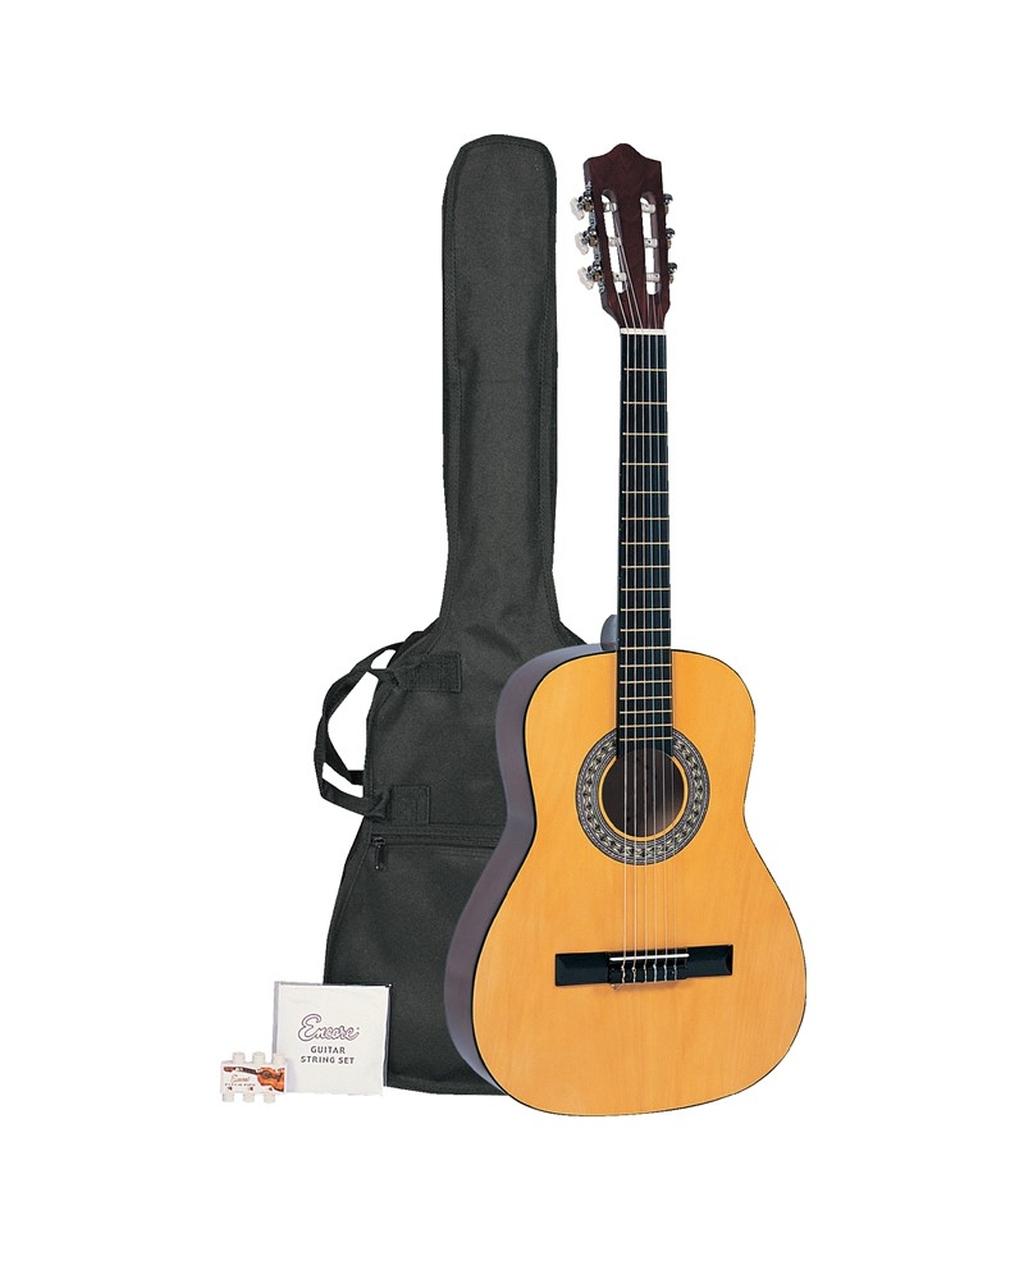 Encore Classic Guitar